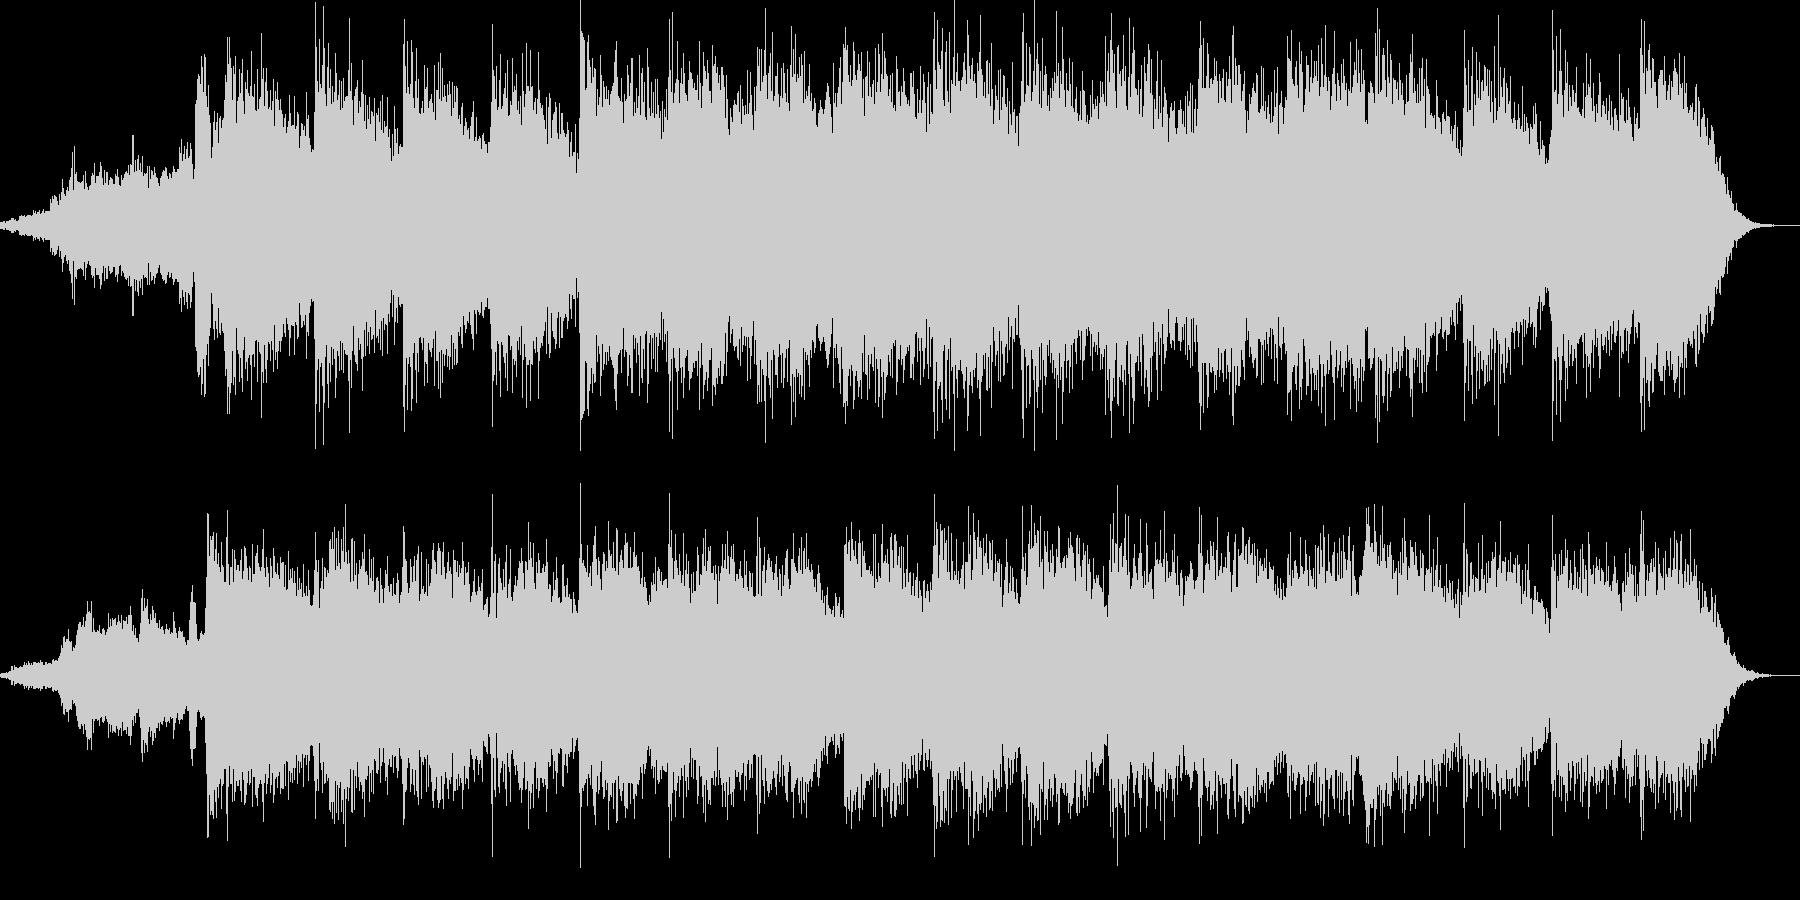 心の中のダークな本音を見透かすイメージの未再生の波形